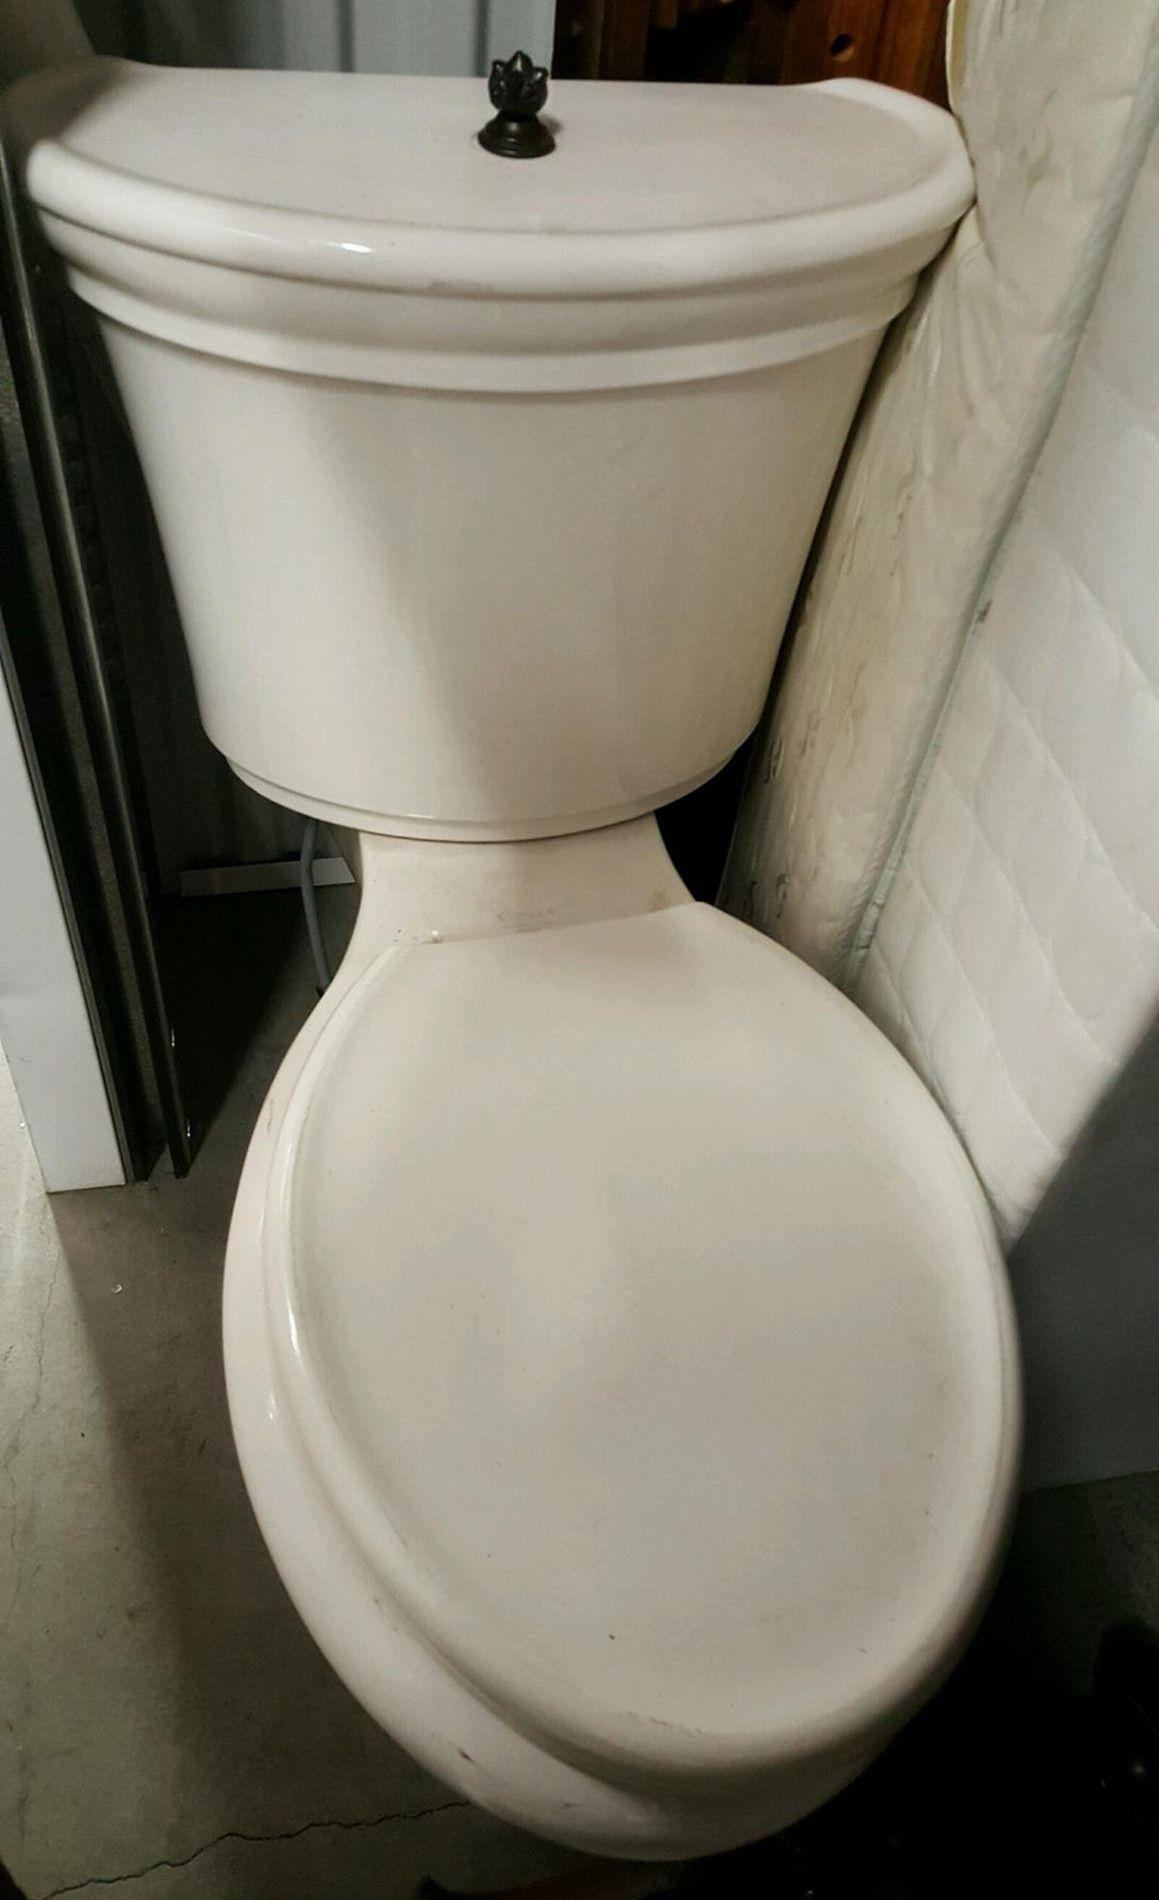 kohler designer toilet. kohler designer toilet  bathroom  pinterest  toilet bath ideas